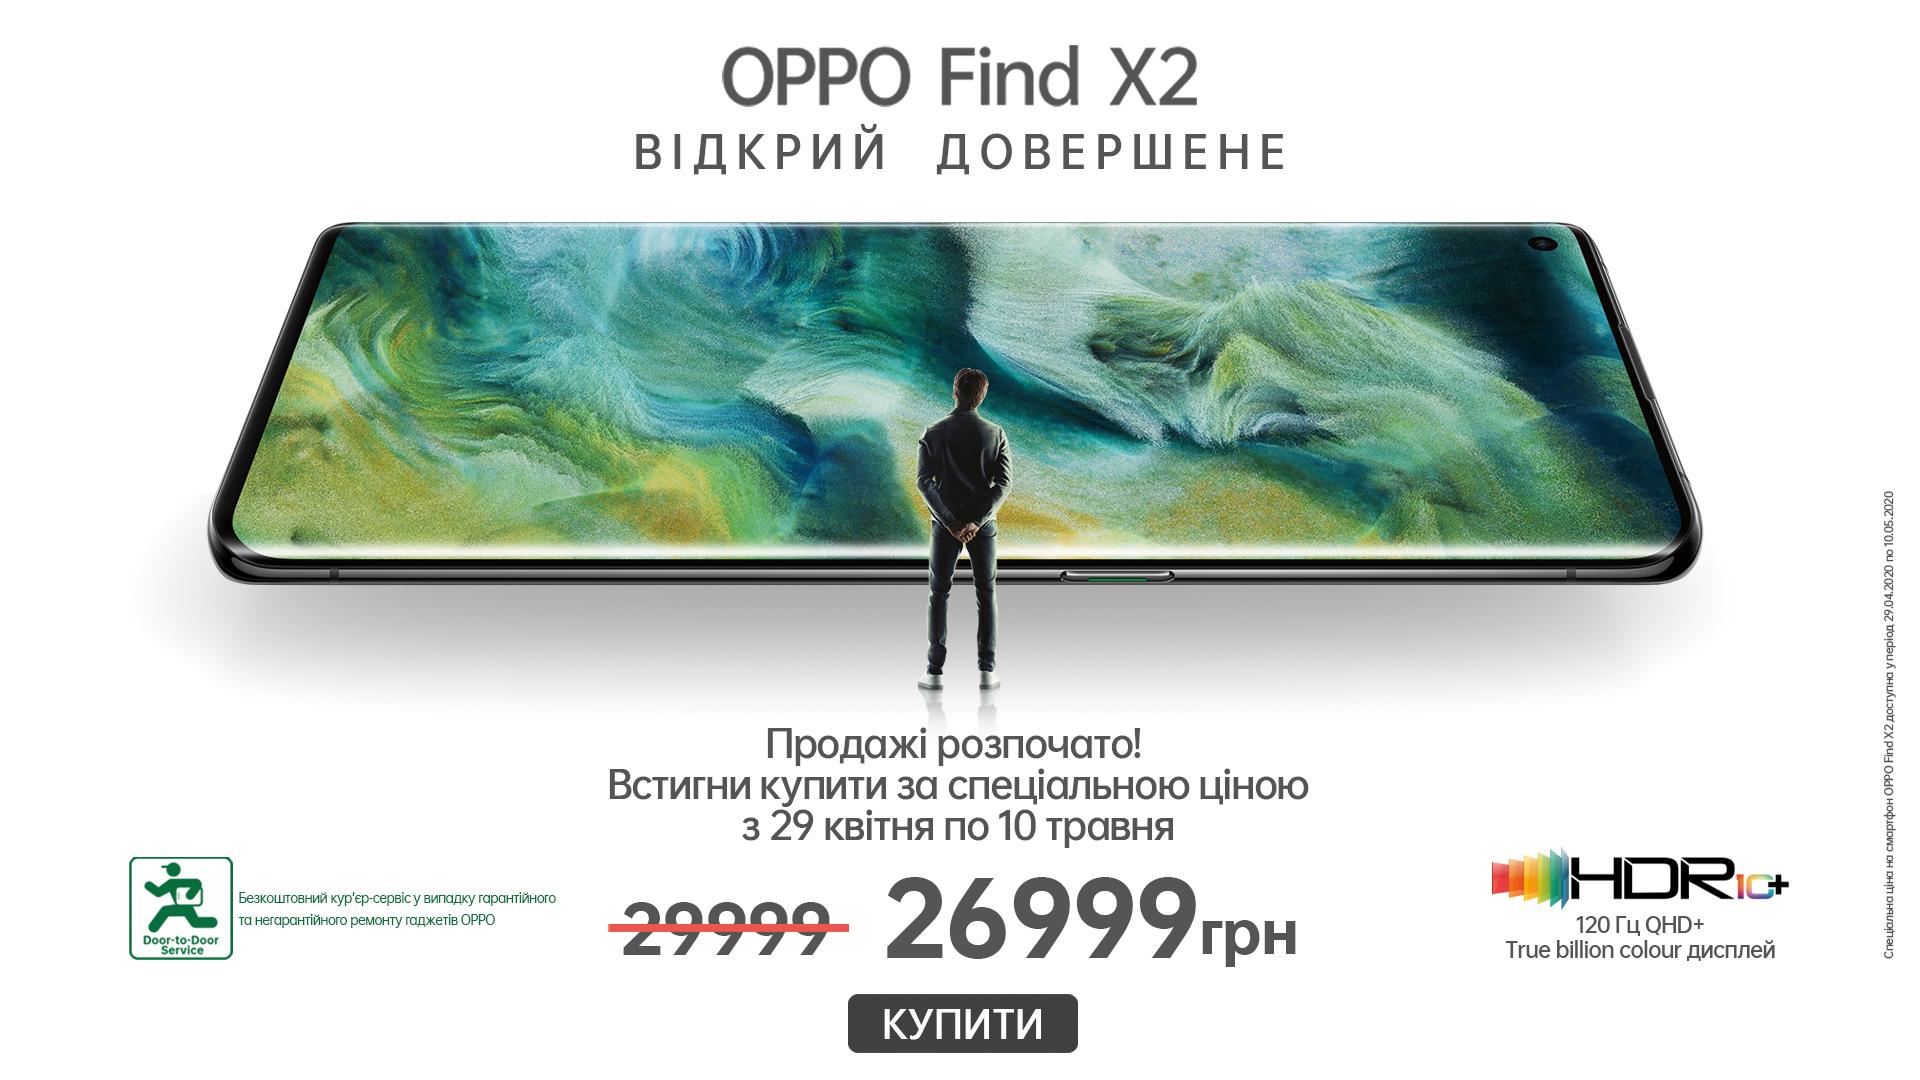 Старт  продажів гіперфлагмана ОРРО Find X2 в Україні за спеціальною ціною